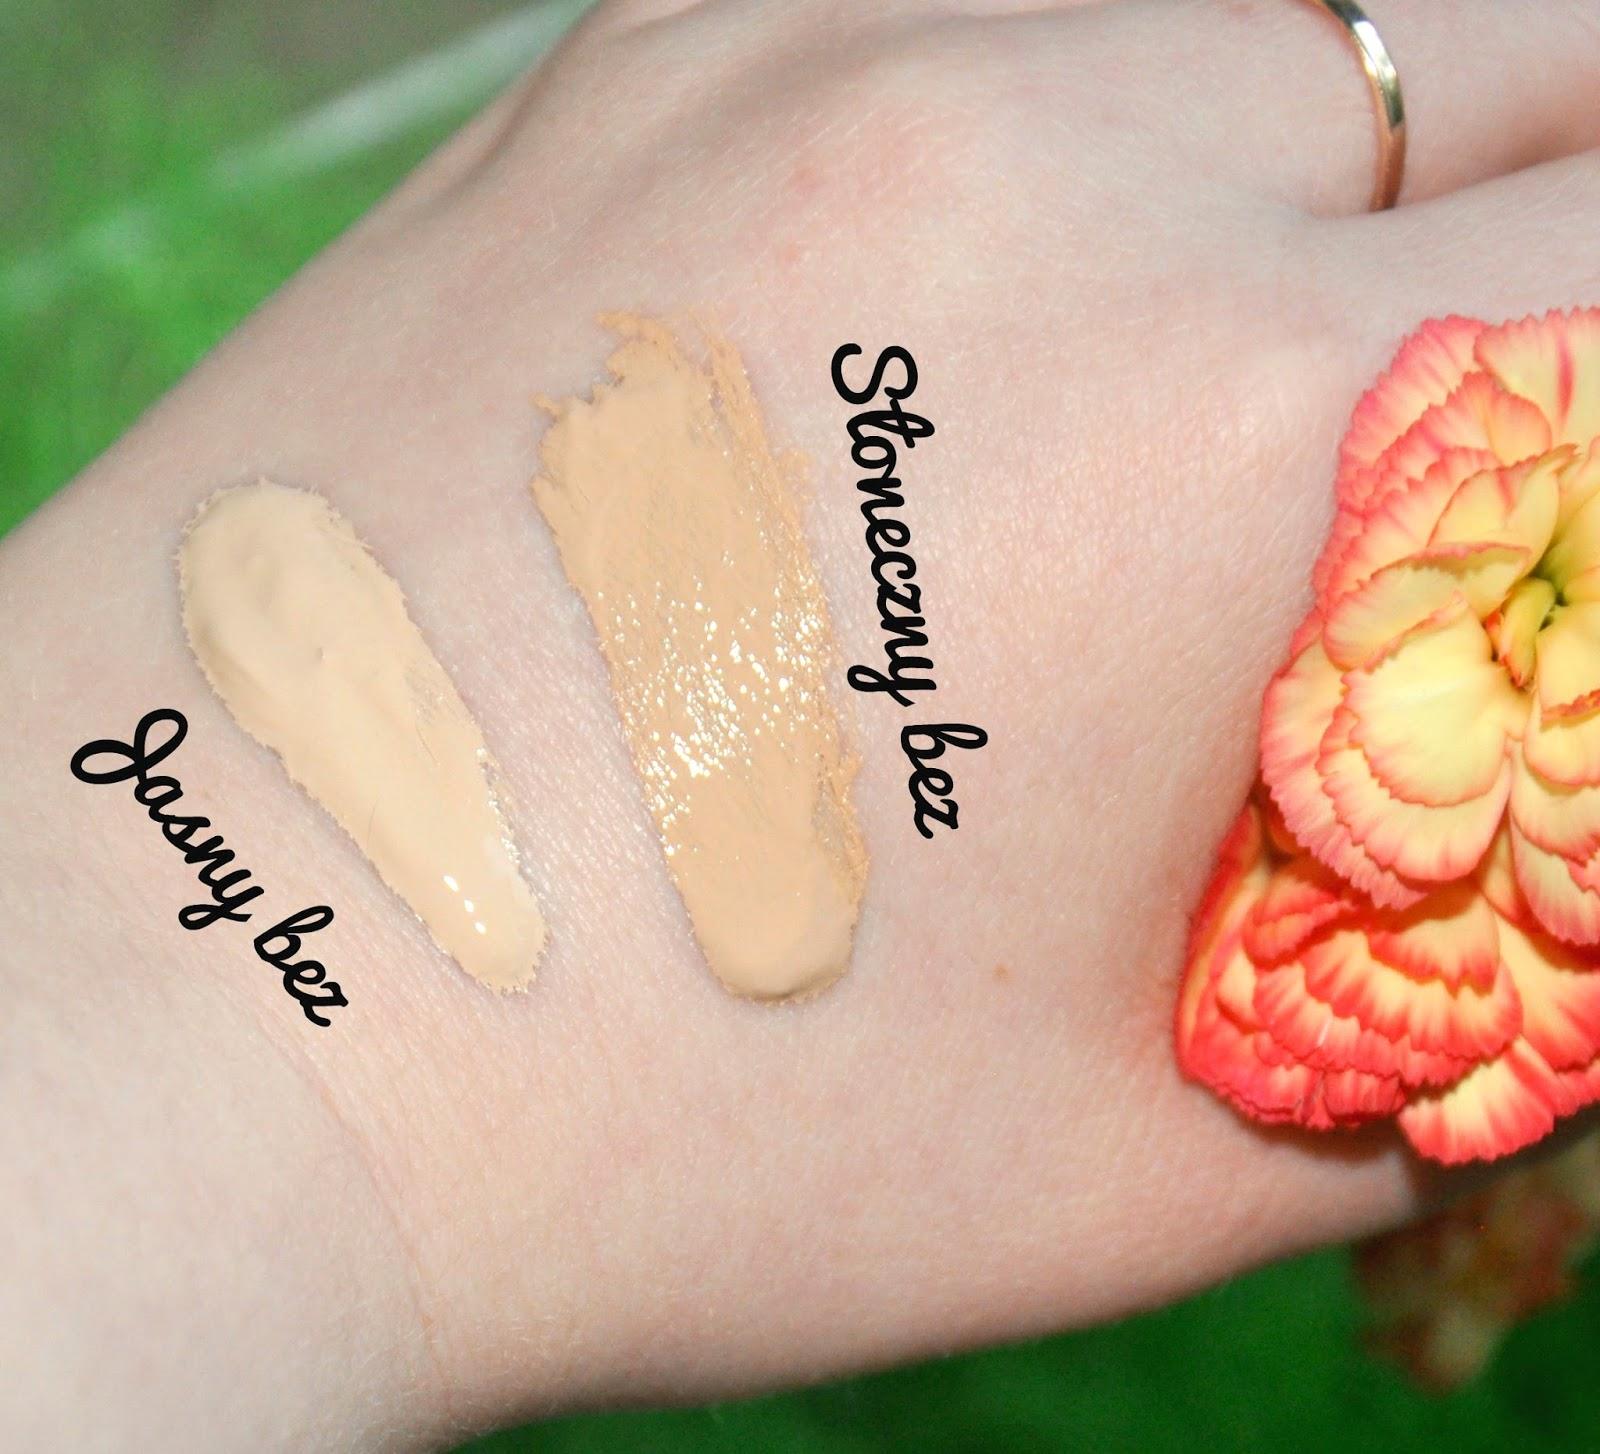 Total Look Make-up Nude Glow - tak nazywa się seria fluidów rozświetlających których zadaniem jest poprawienie kolorytu cery, która w wyniku stresu, starzenia i czynników zewnętrznych utraciła swój naturalny blask i młodzieńczy wygląd. Dostępny w trzech idealnie dopasowujących się odcieniach: - JASNY BEŻ - NATURALNY BEŻ - SŁONECZNY BEŻ